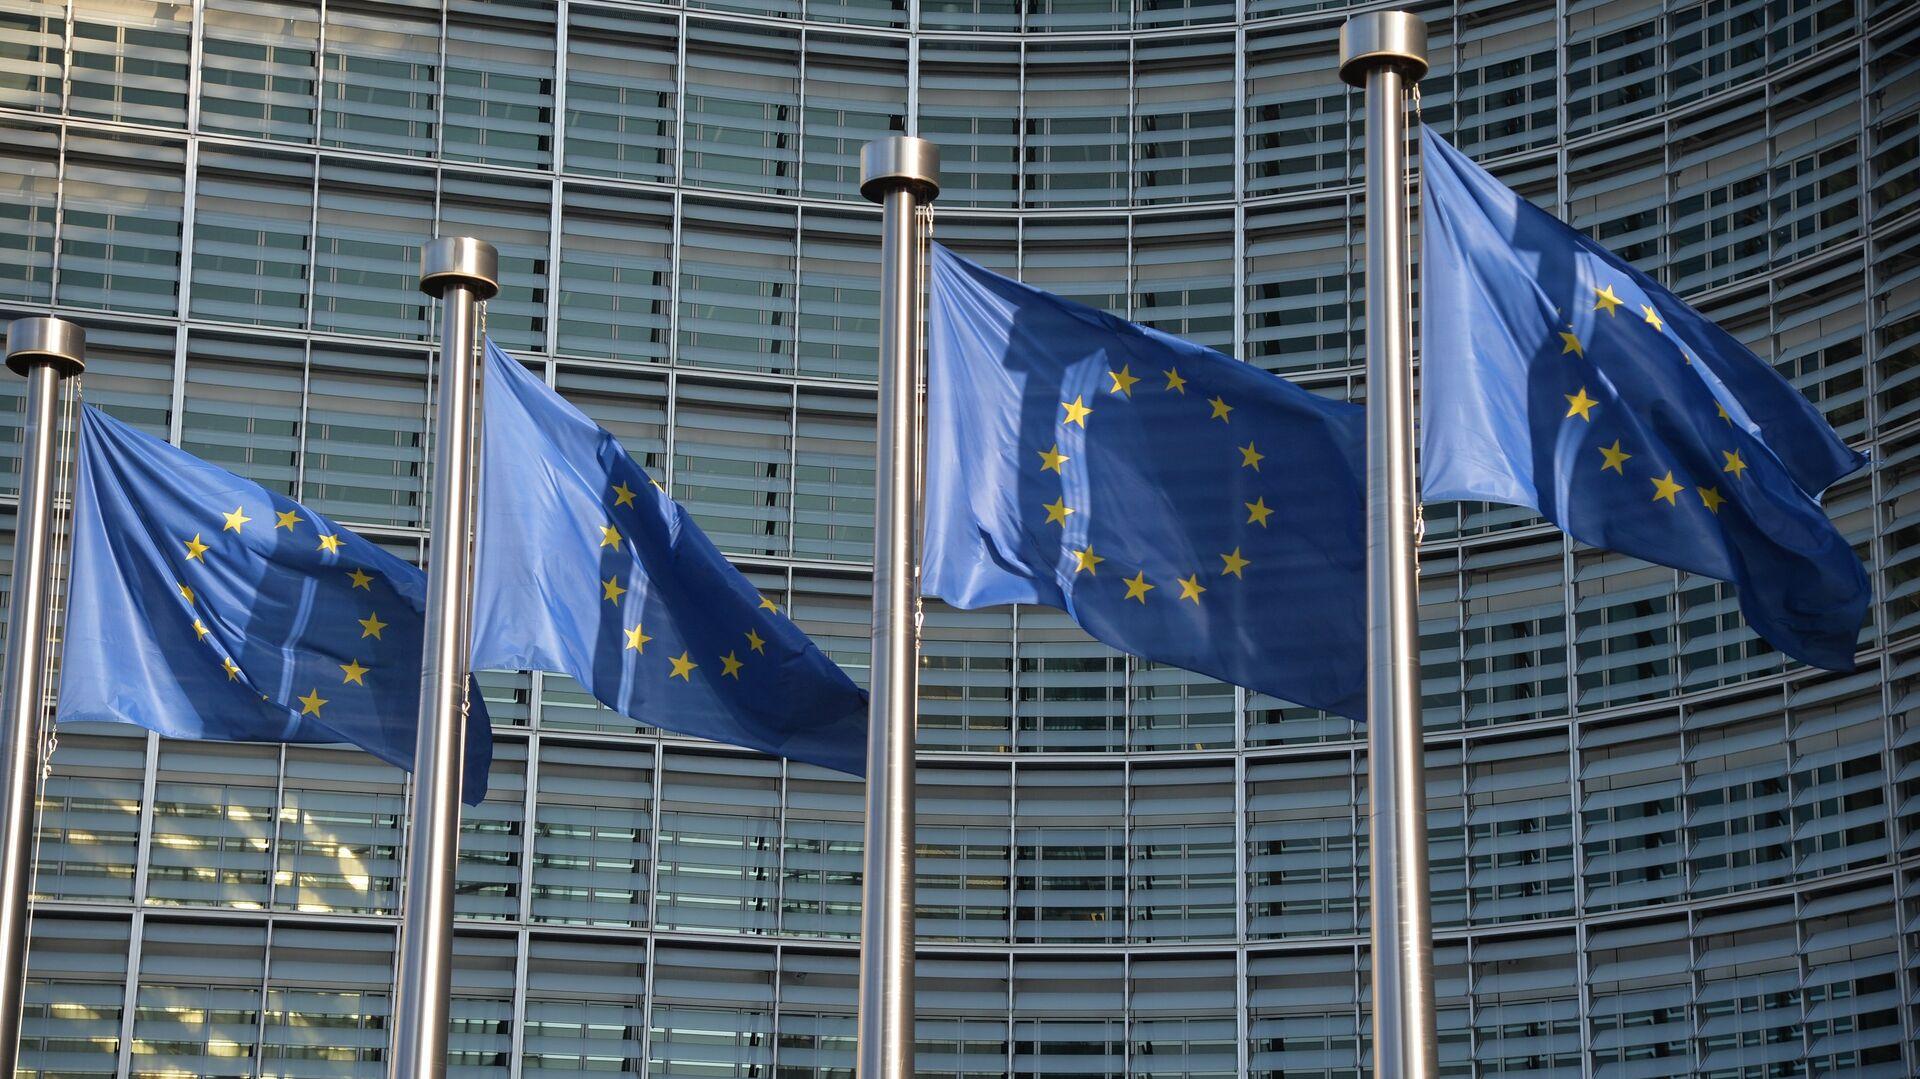 Banderas de la UE - Sputnik Mundo, 1920, 12.04.2021